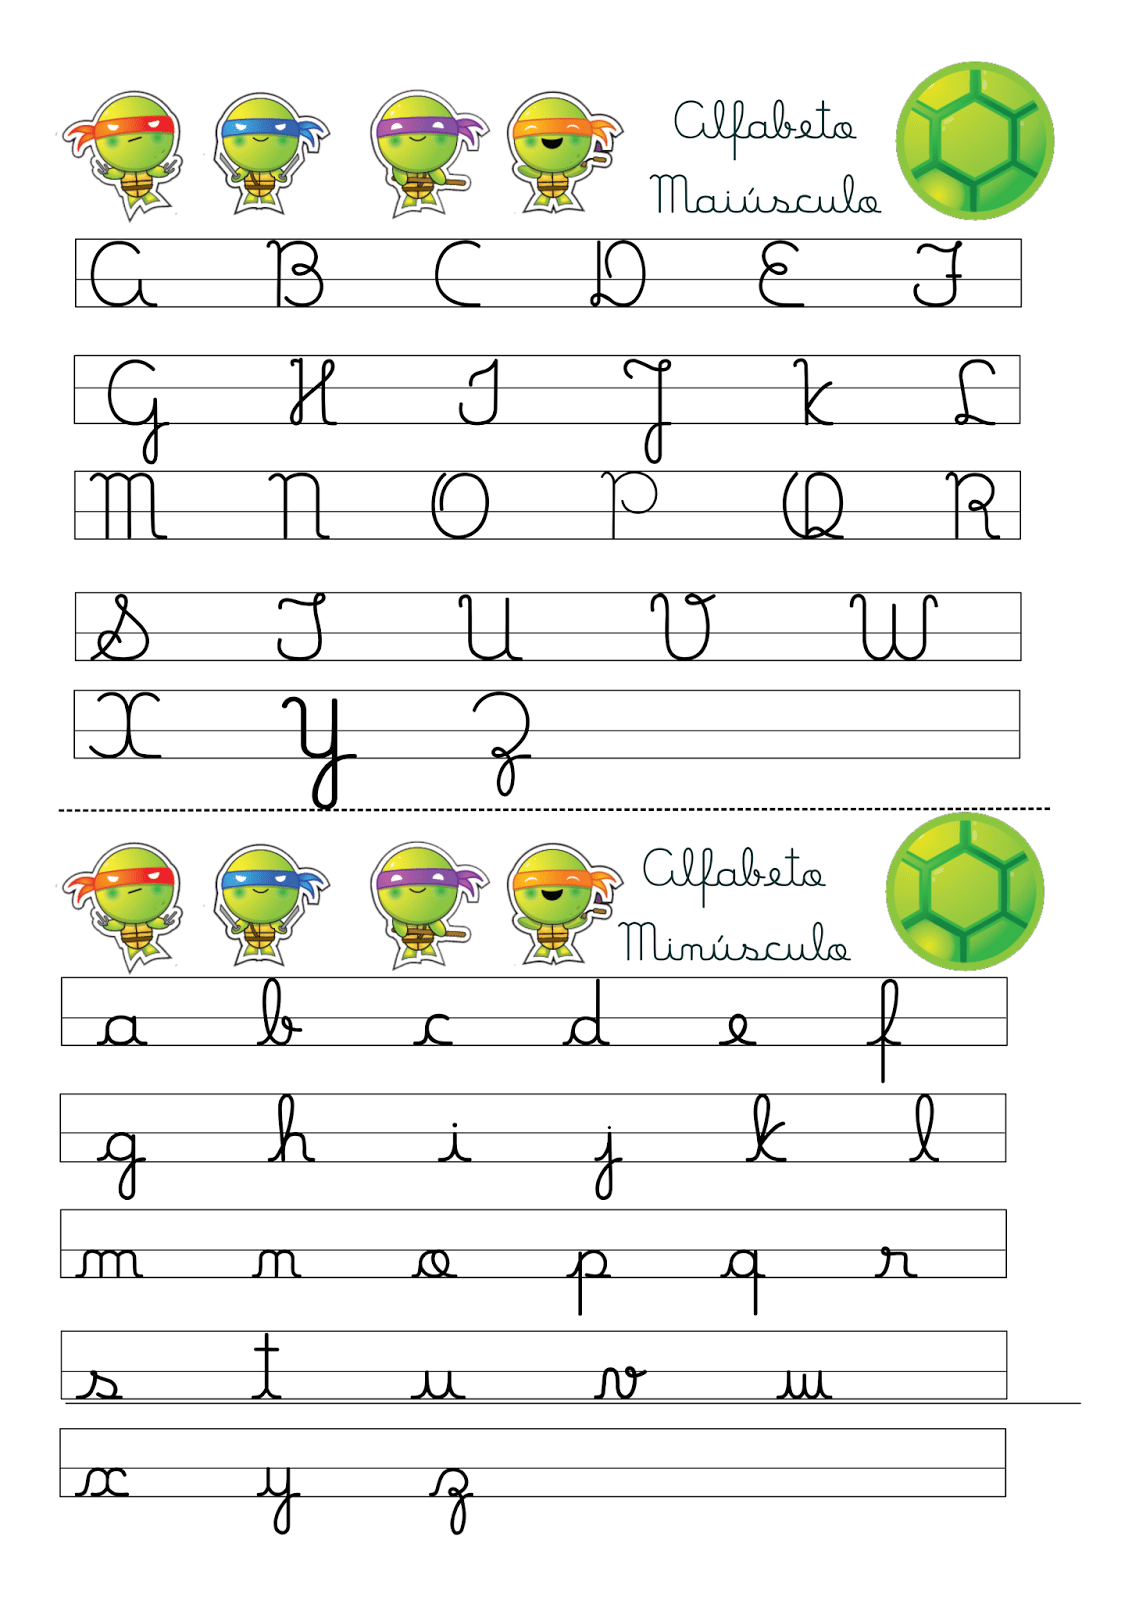 Alfabeto Letra Cursiva Maiúscula E Minúscula Tartarugas Ninjas